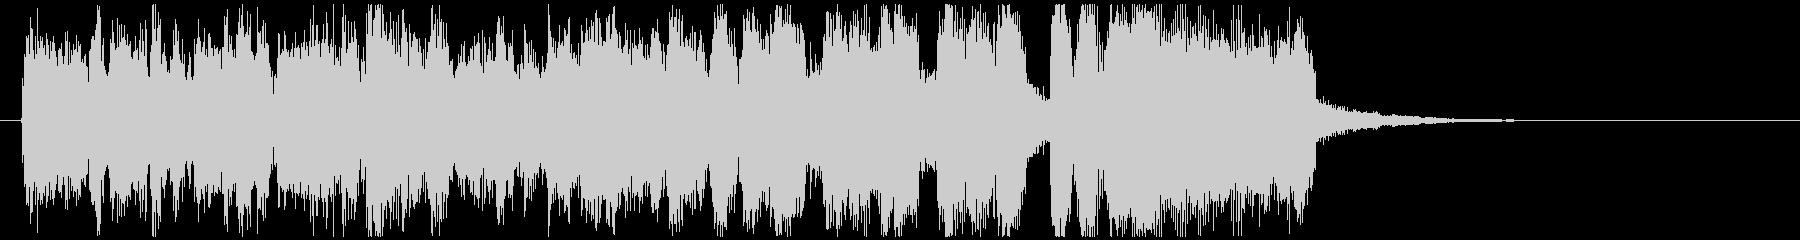 カジノ、ジャズ系ファンファーレ ※9秒版の未再生の波形